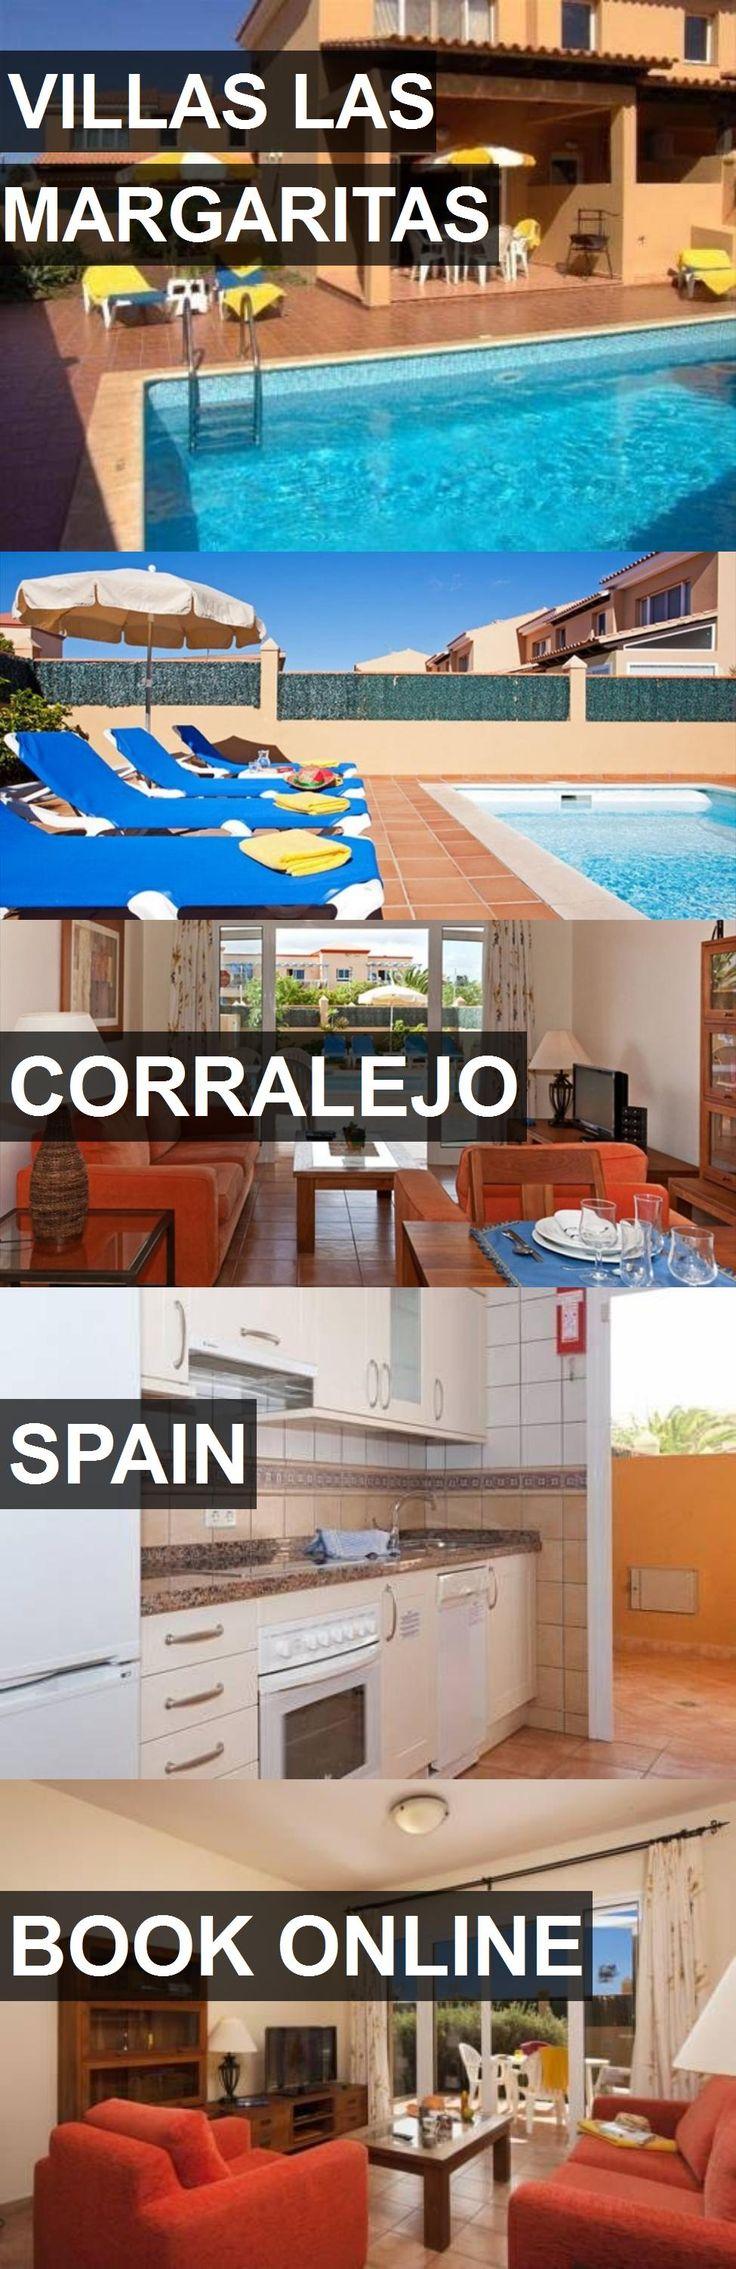 Hotel VILLAS LAS MARGARITAS in Corralejo, Spain. For more information, photos, reviews and best prices please follow the link. #Spain #Corralejo #VILLASLASMARGARITAS #hotel #travel #vacation